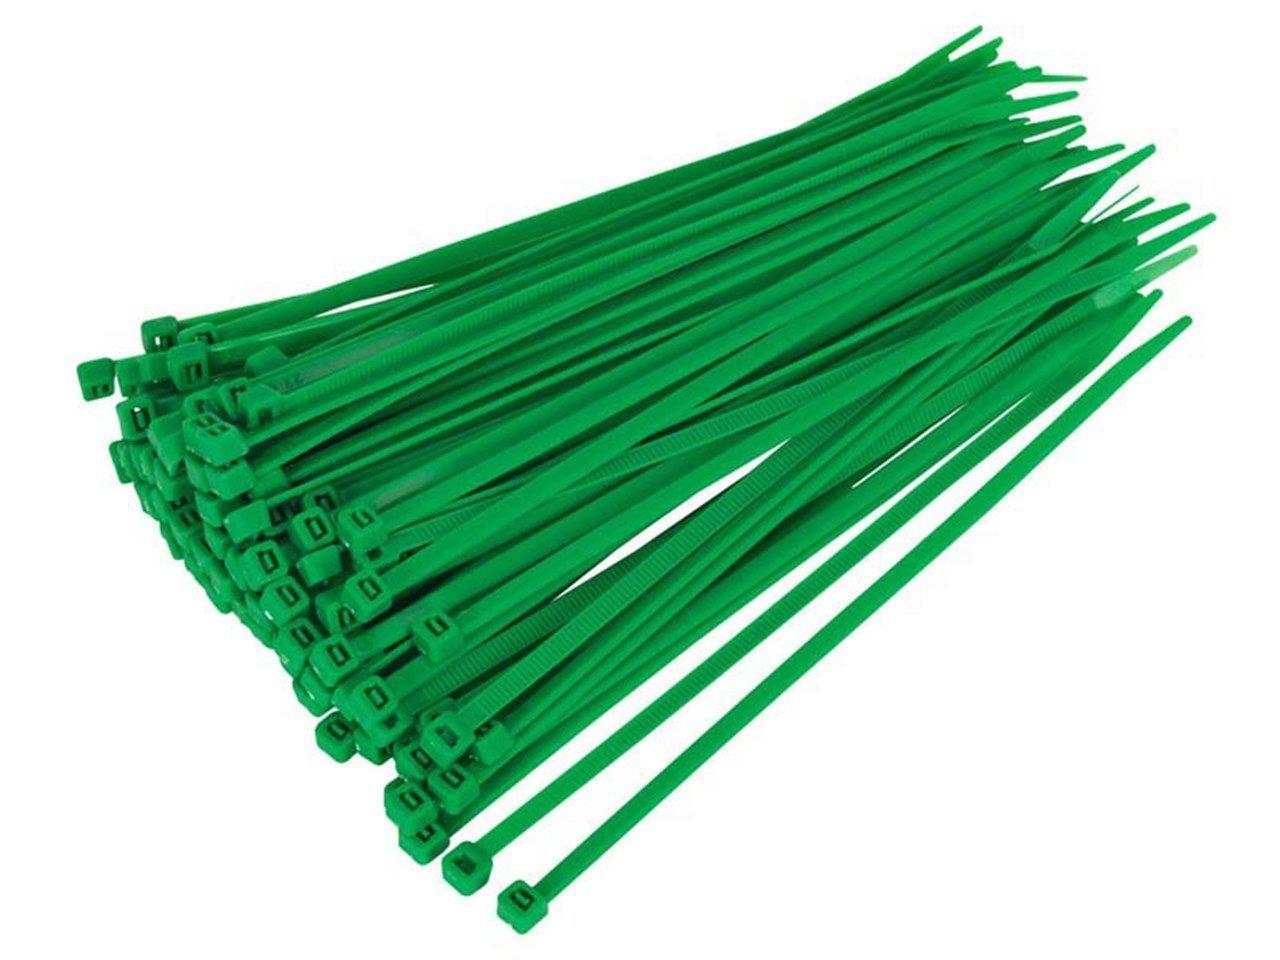 100 liens Câ ble Vert, en nylon ré sistant, 100 mm x 2,5 mm en nylon résistant Generic